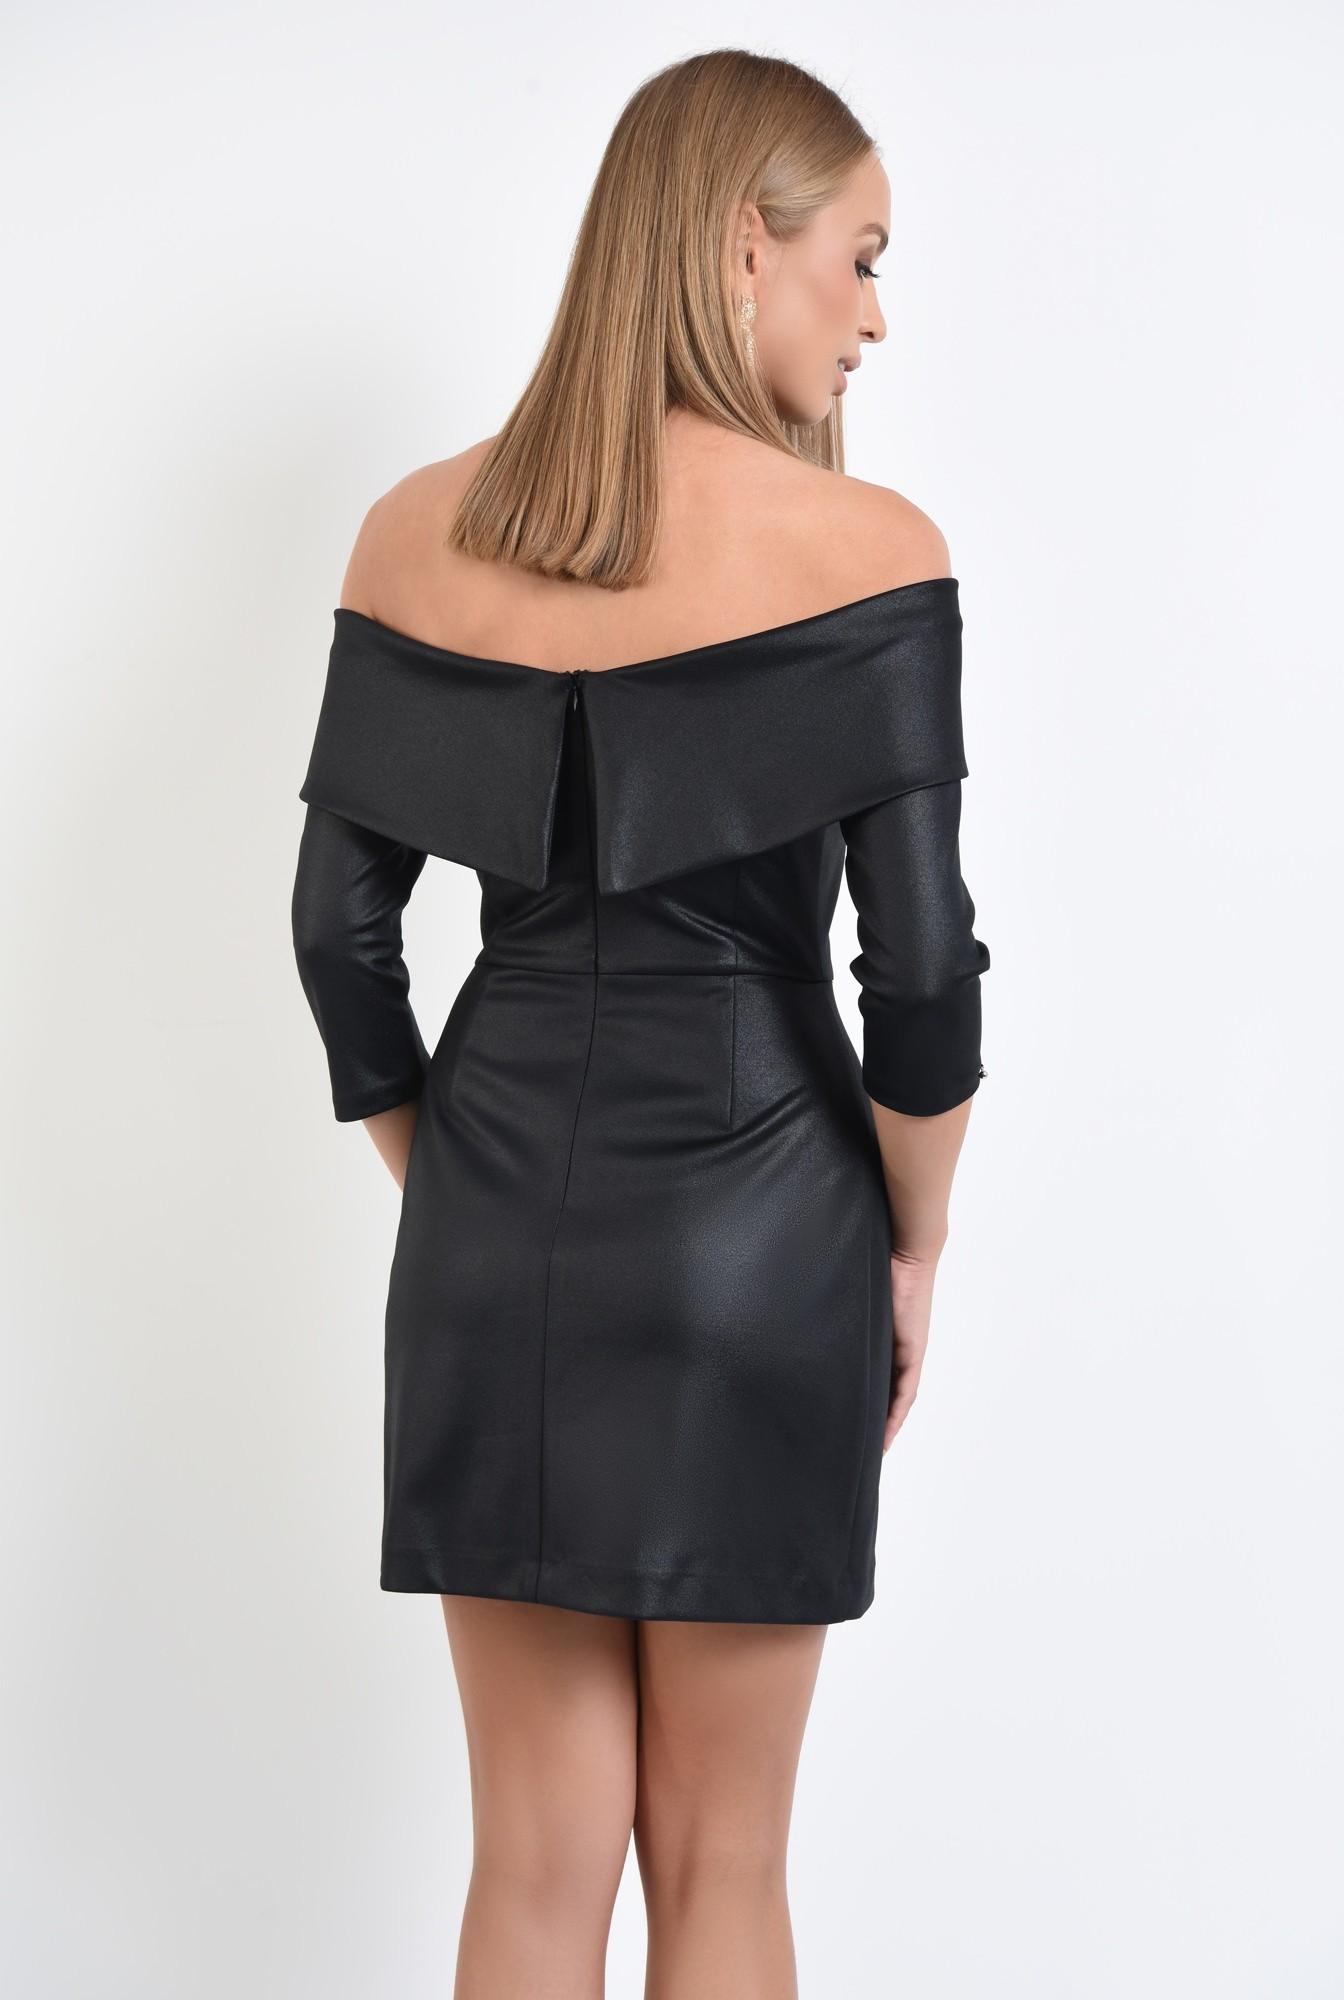 1 - rochie de seara, neagra, umeri goi, cambrata, scurta